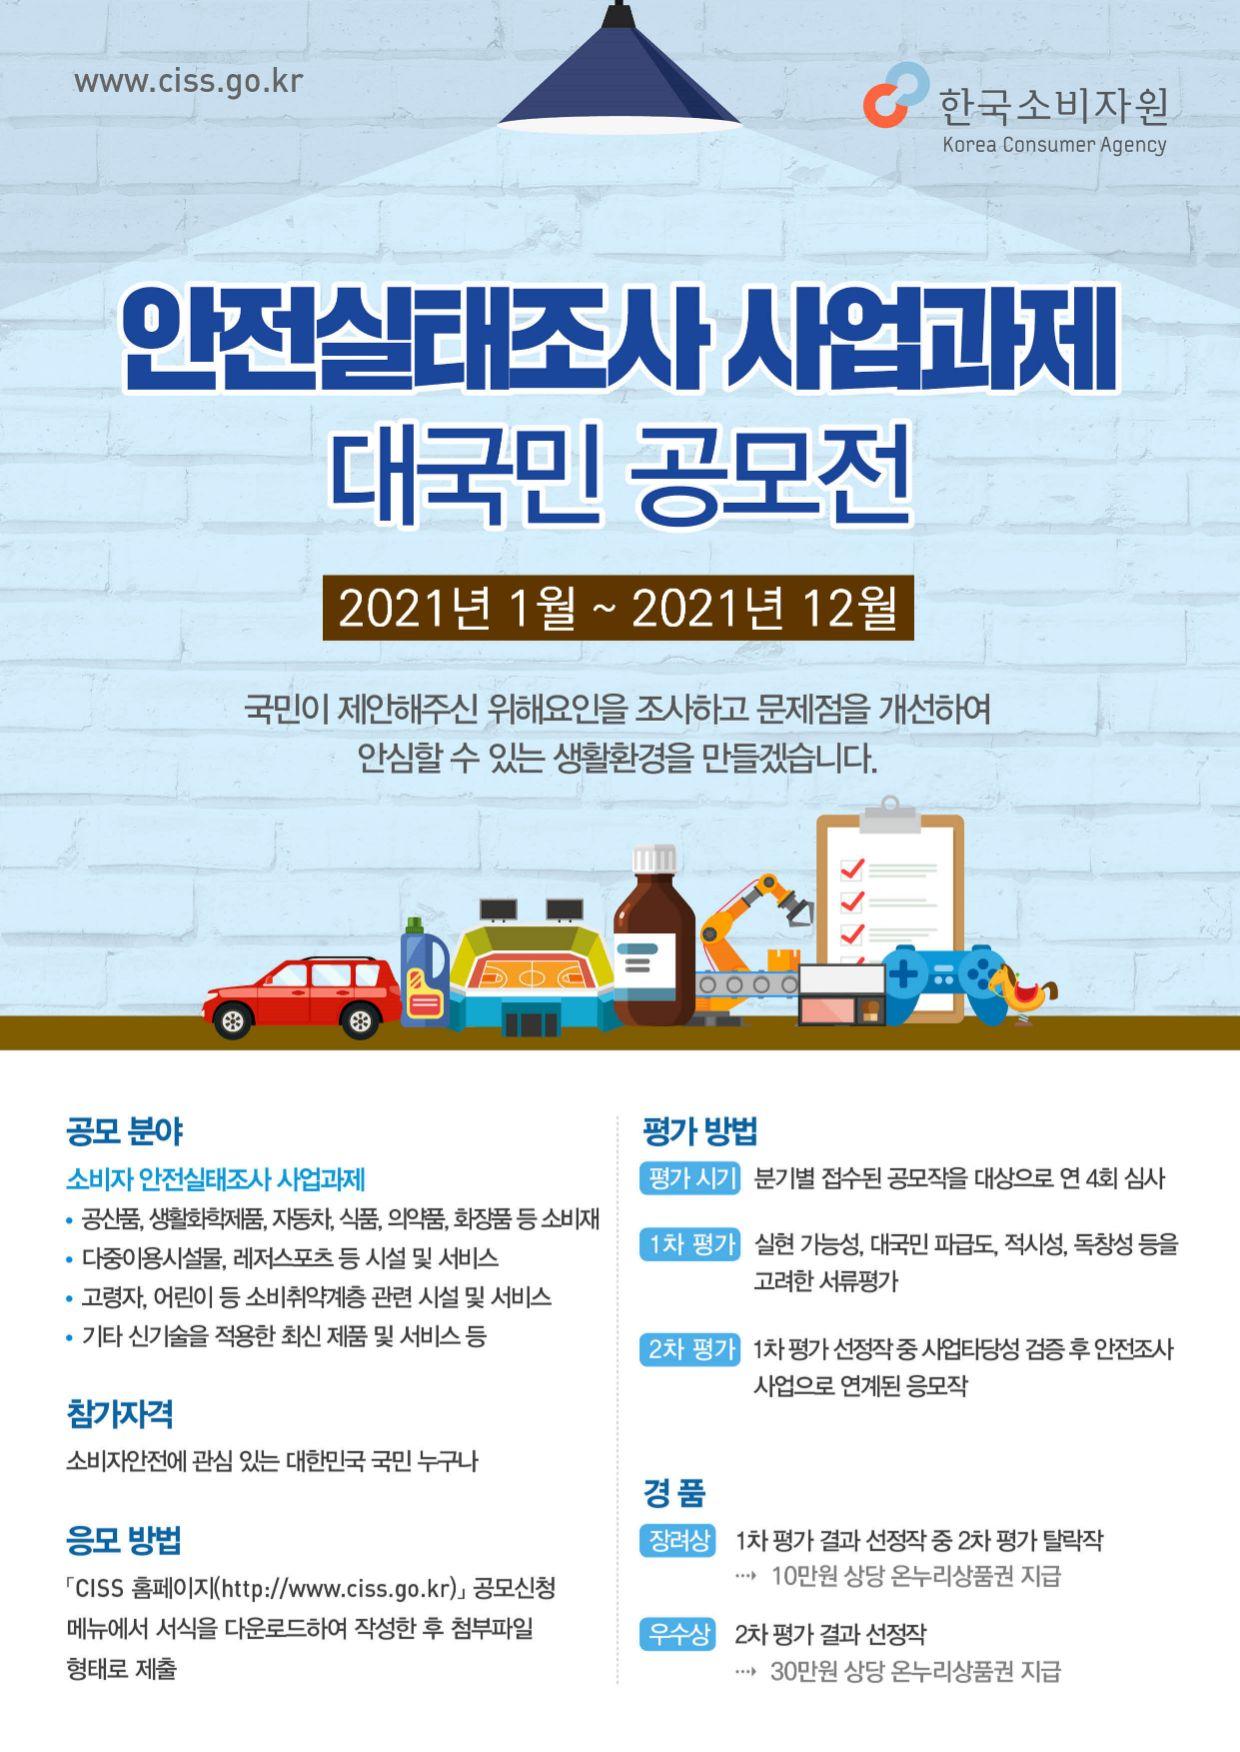 2021년 안전실태조사 사업과제 대국민 공모전